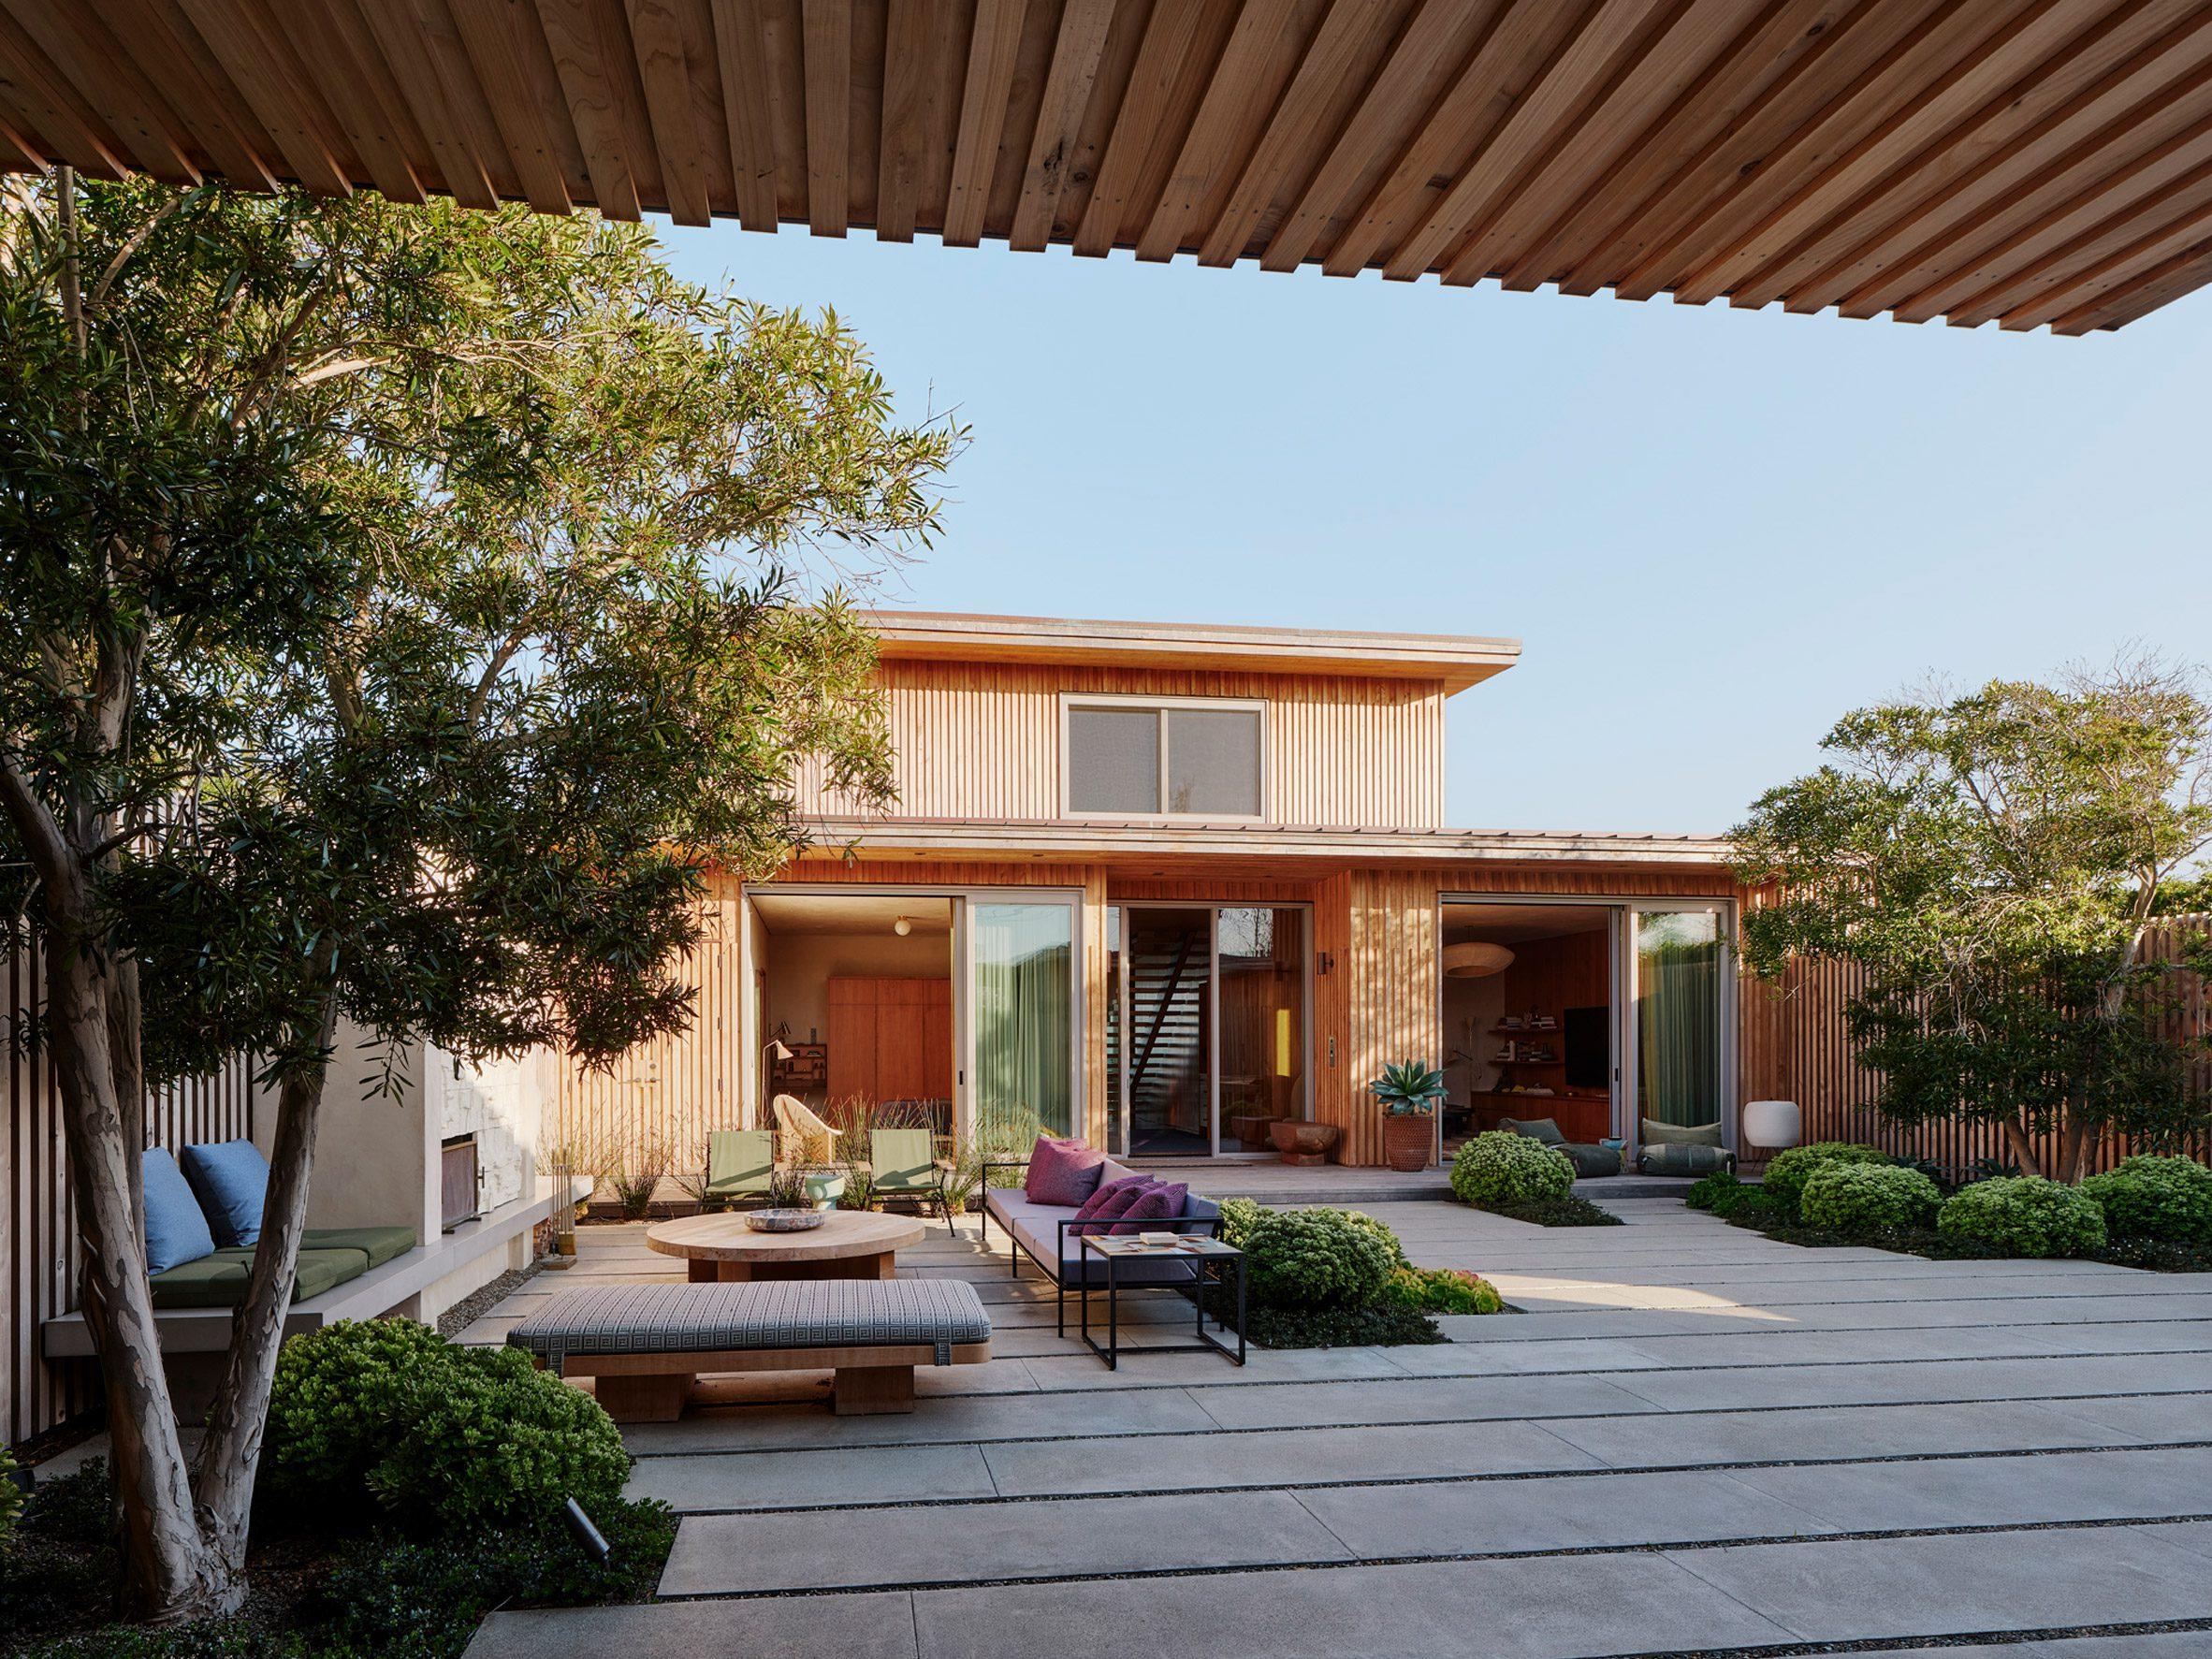 The house is in Santa Cruz